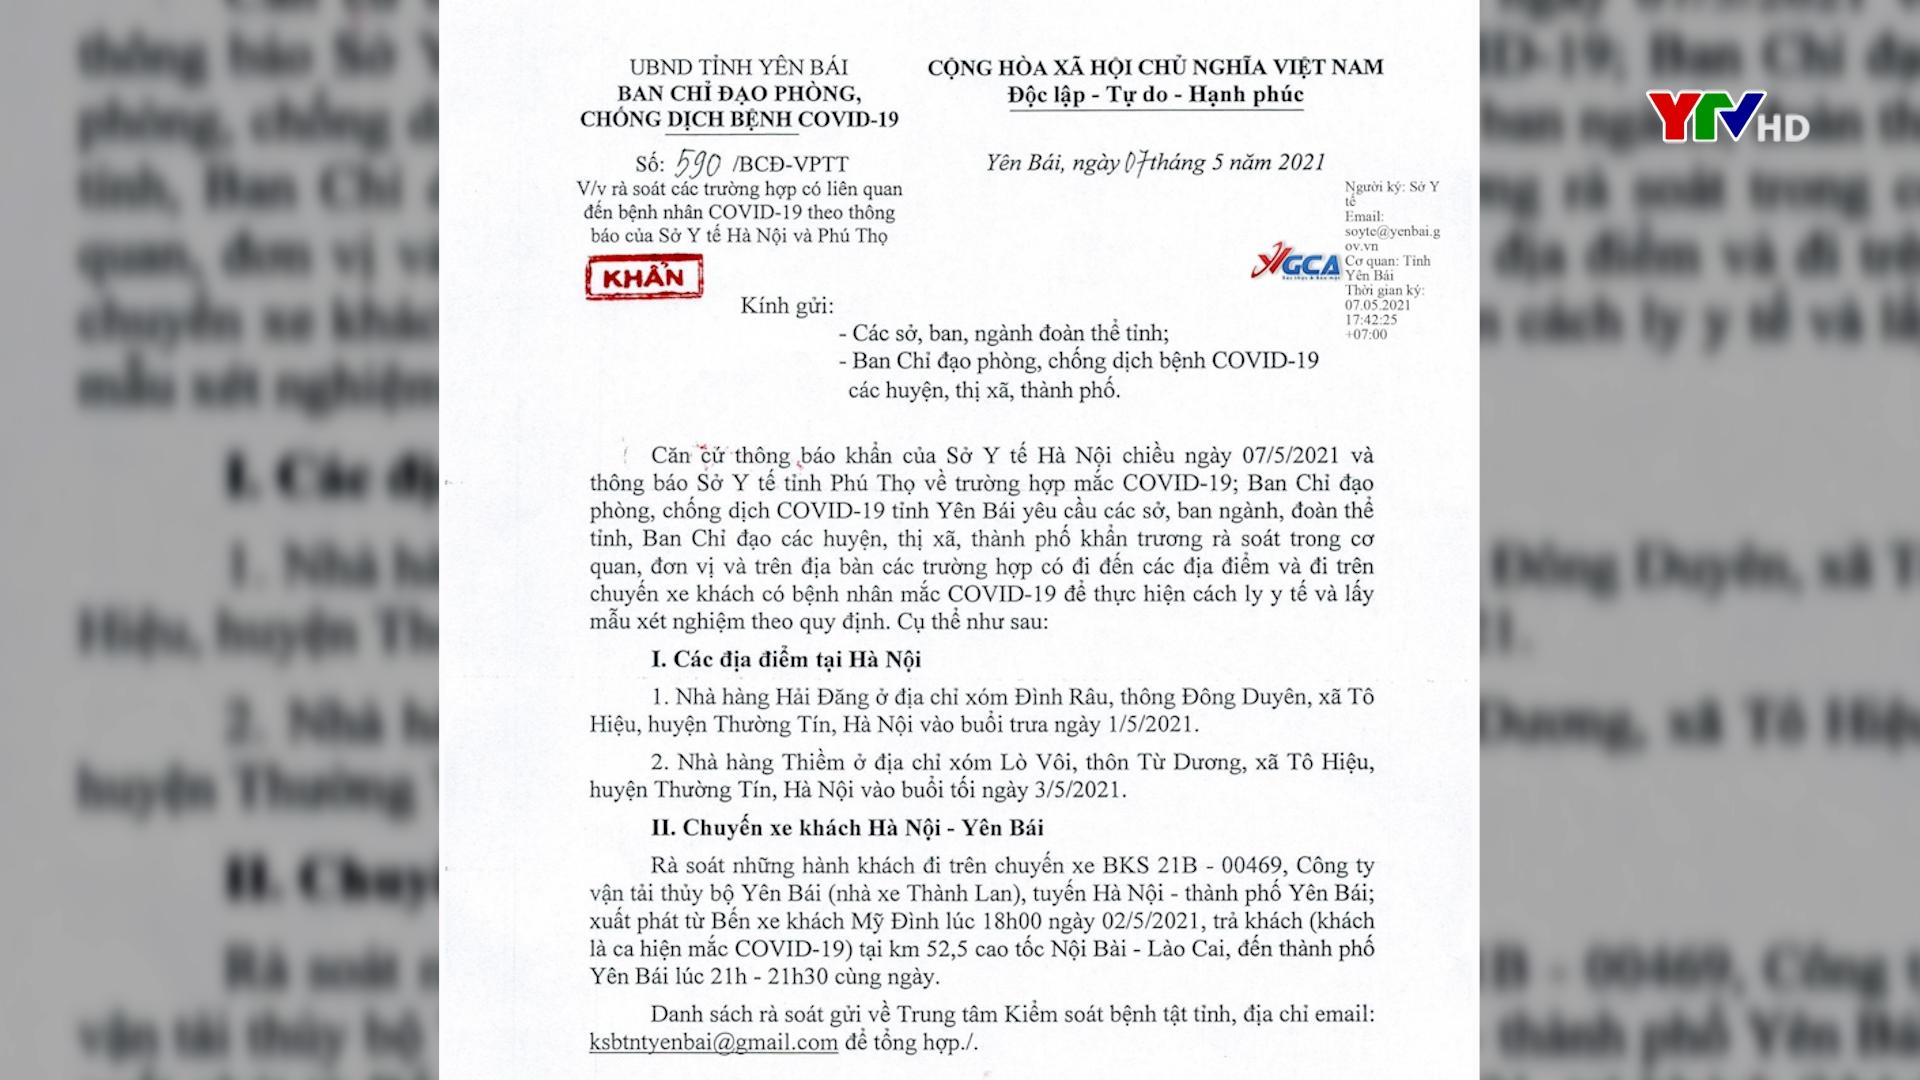 Công điện khẩn về rà soát các trường hợp có liên quan đến bệnh nhân Covid-19 theo thông báo của Sở Y tế Hà Nội và Phú Thọ